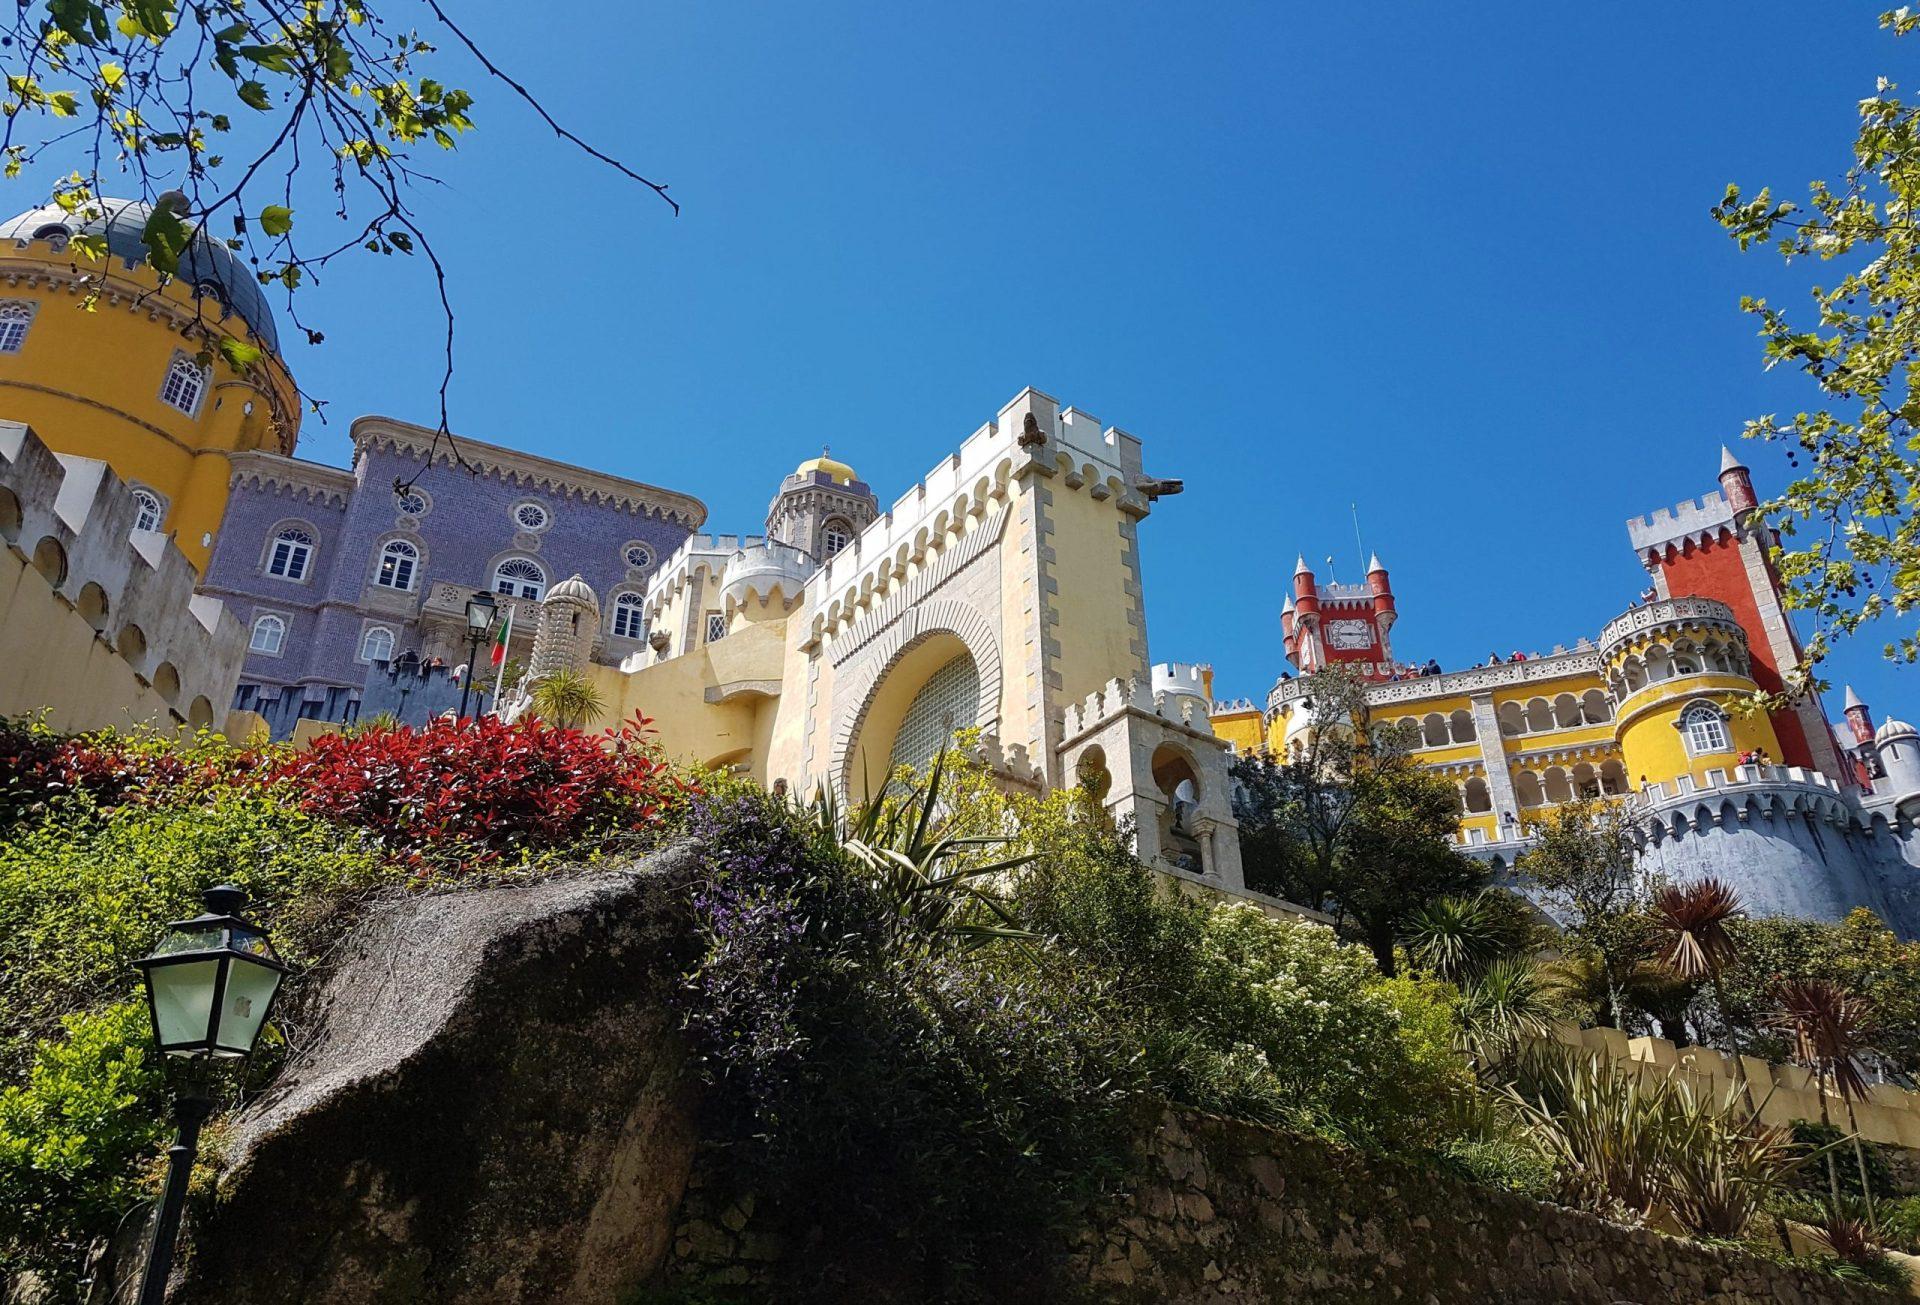 Fachada exterior de colores del Palacio de Pena en Sintra